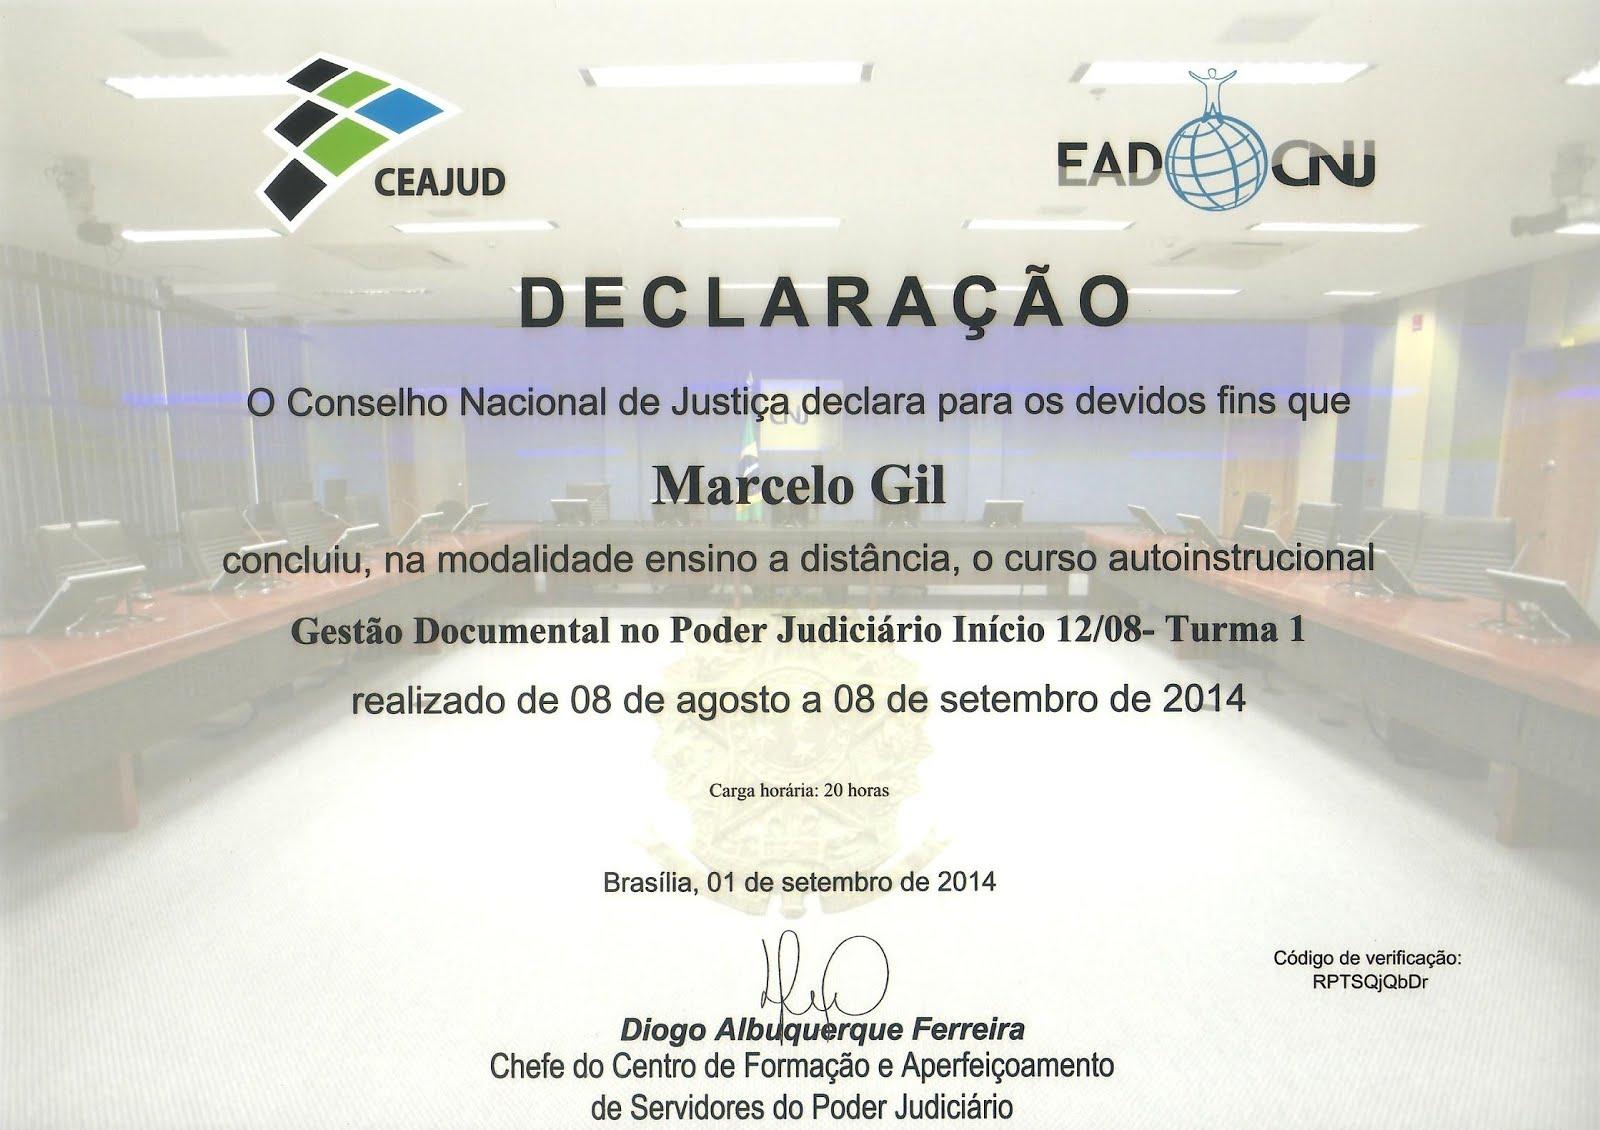 CERTIFICADO DO CONSELHO NACIONAL DE JUSTIÇA CONCEDIDO À MARCELO GIL - 2014